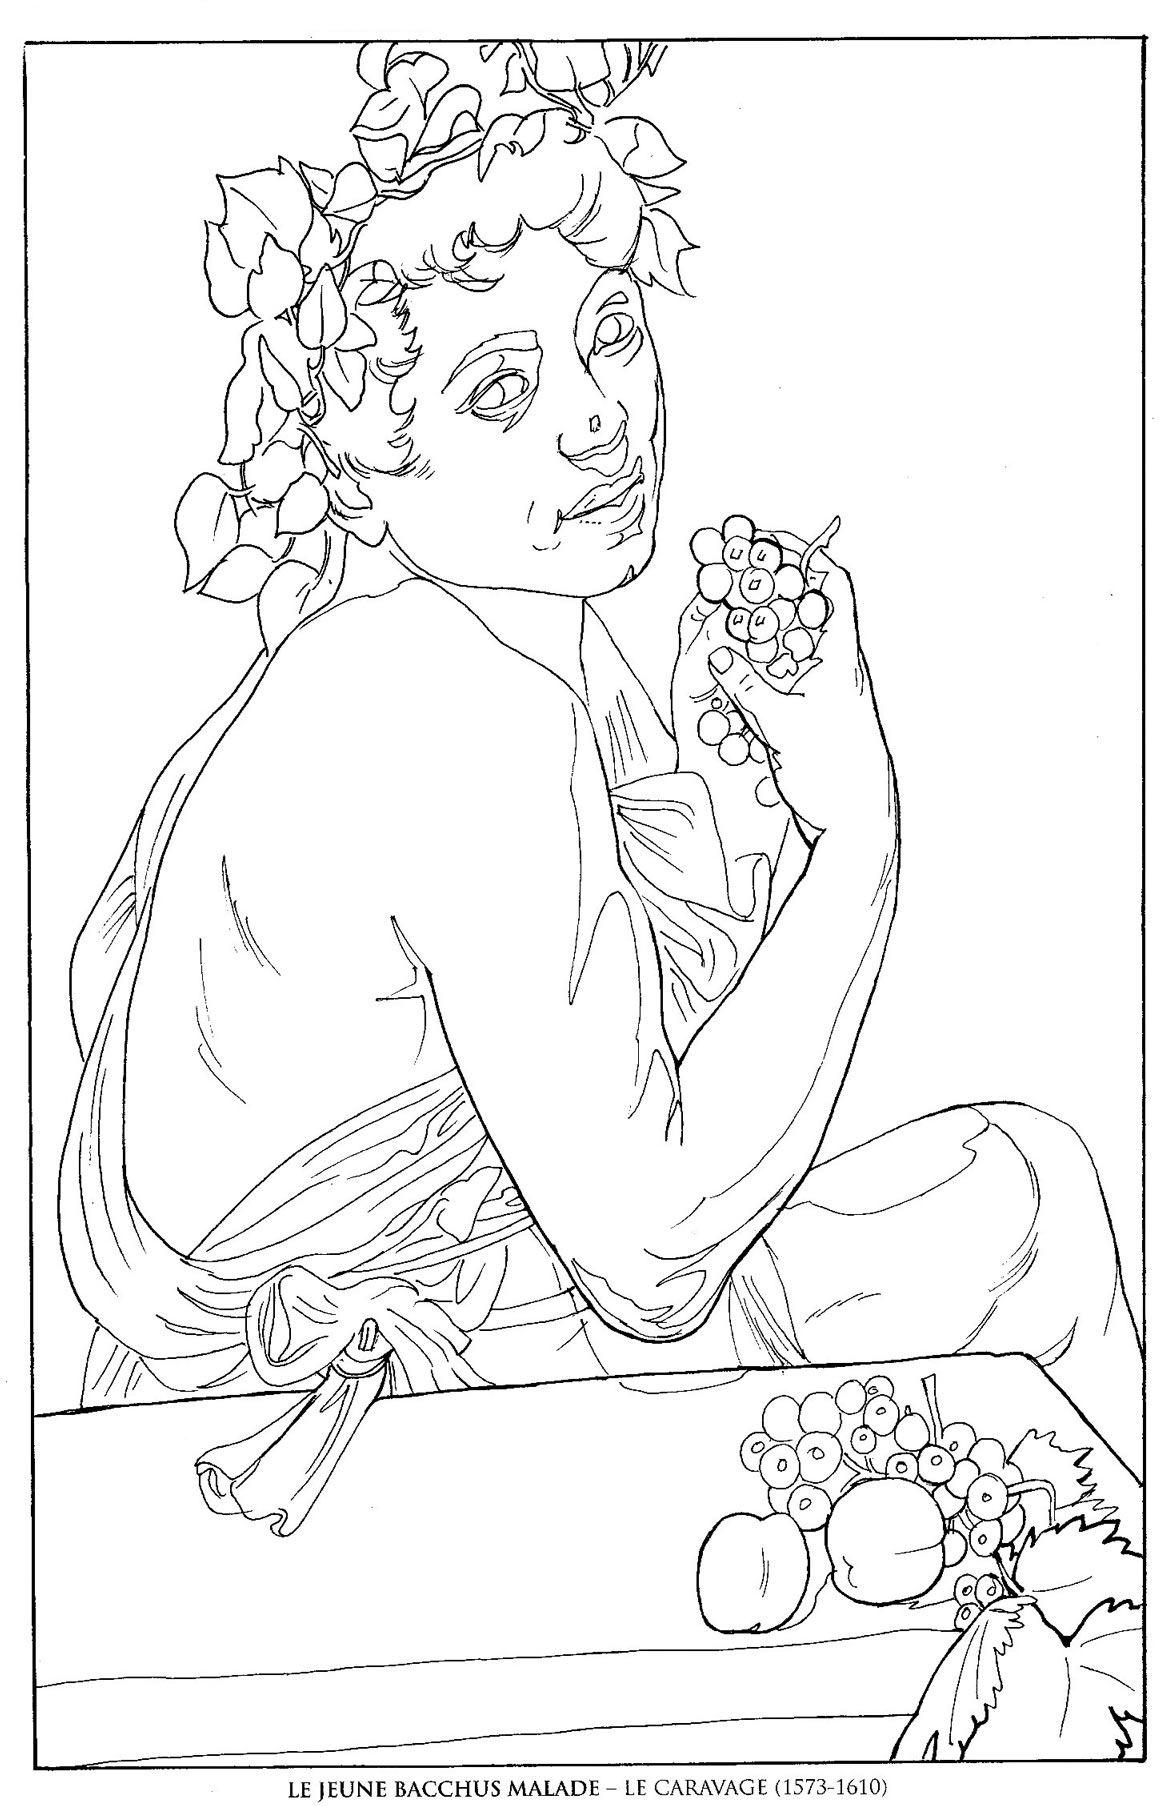 1159x1806 Le Jeune Bacchus Malade Le Caravage Famous Paintings Coloring